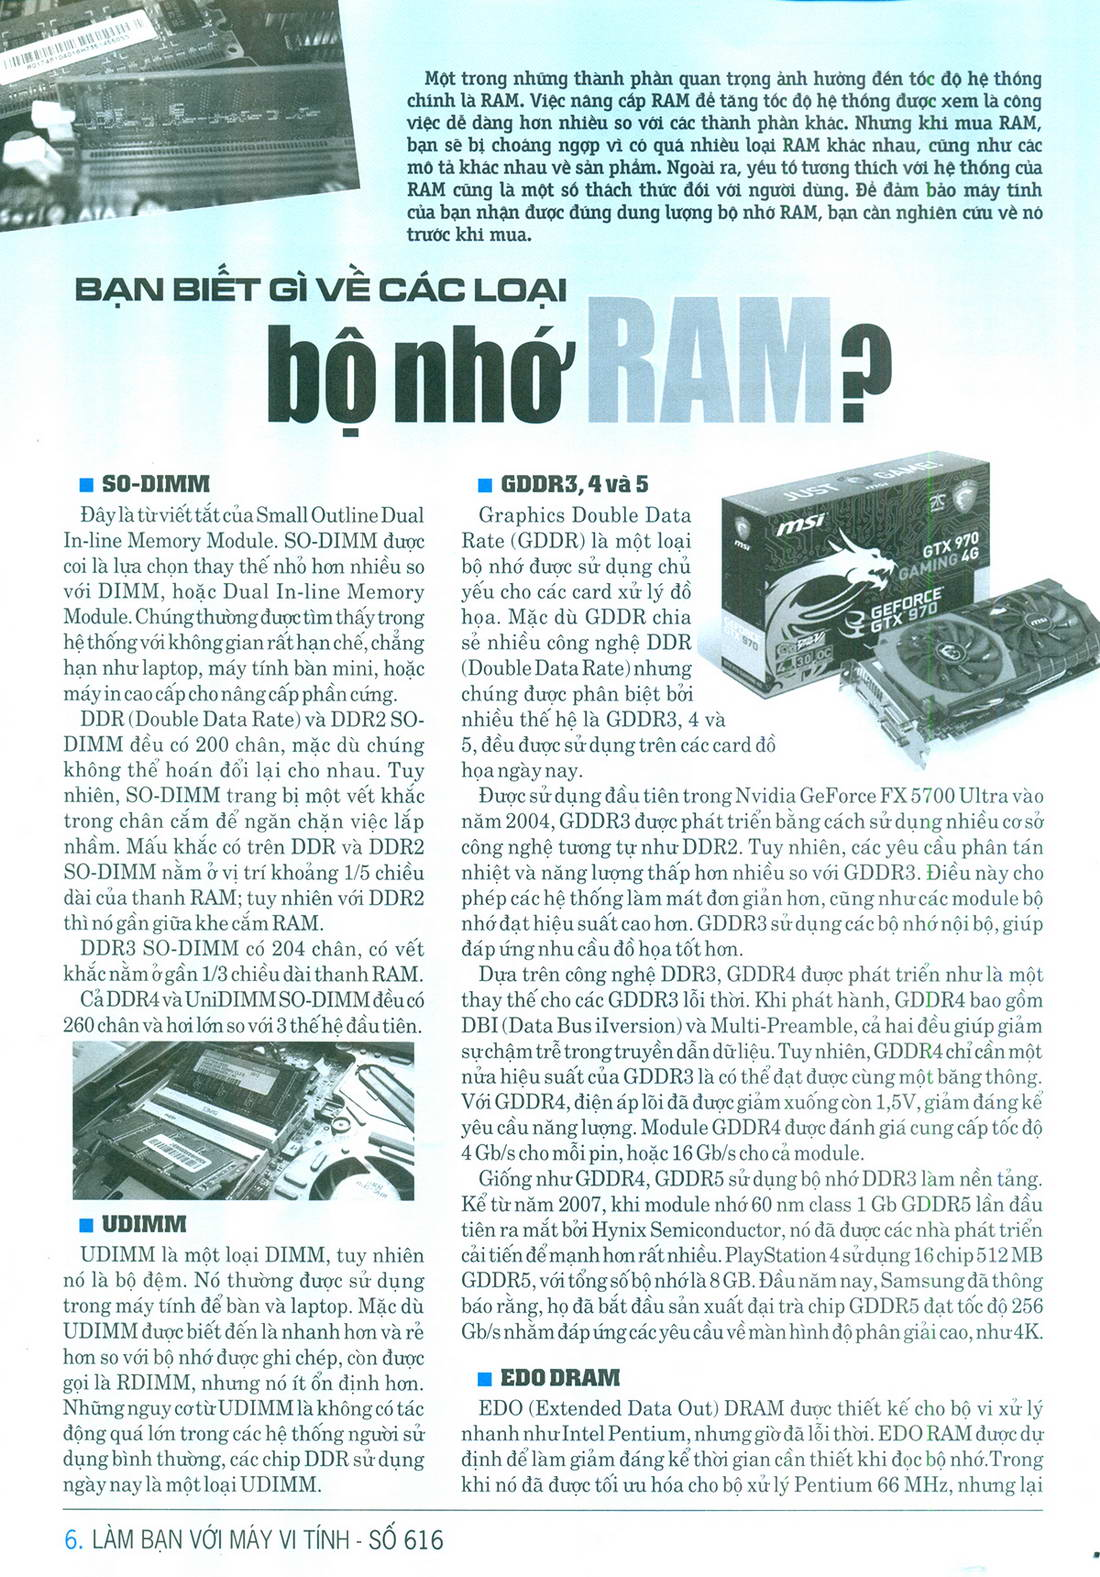 Lam ban vo may vi tinh 616 - tapchicntt.com